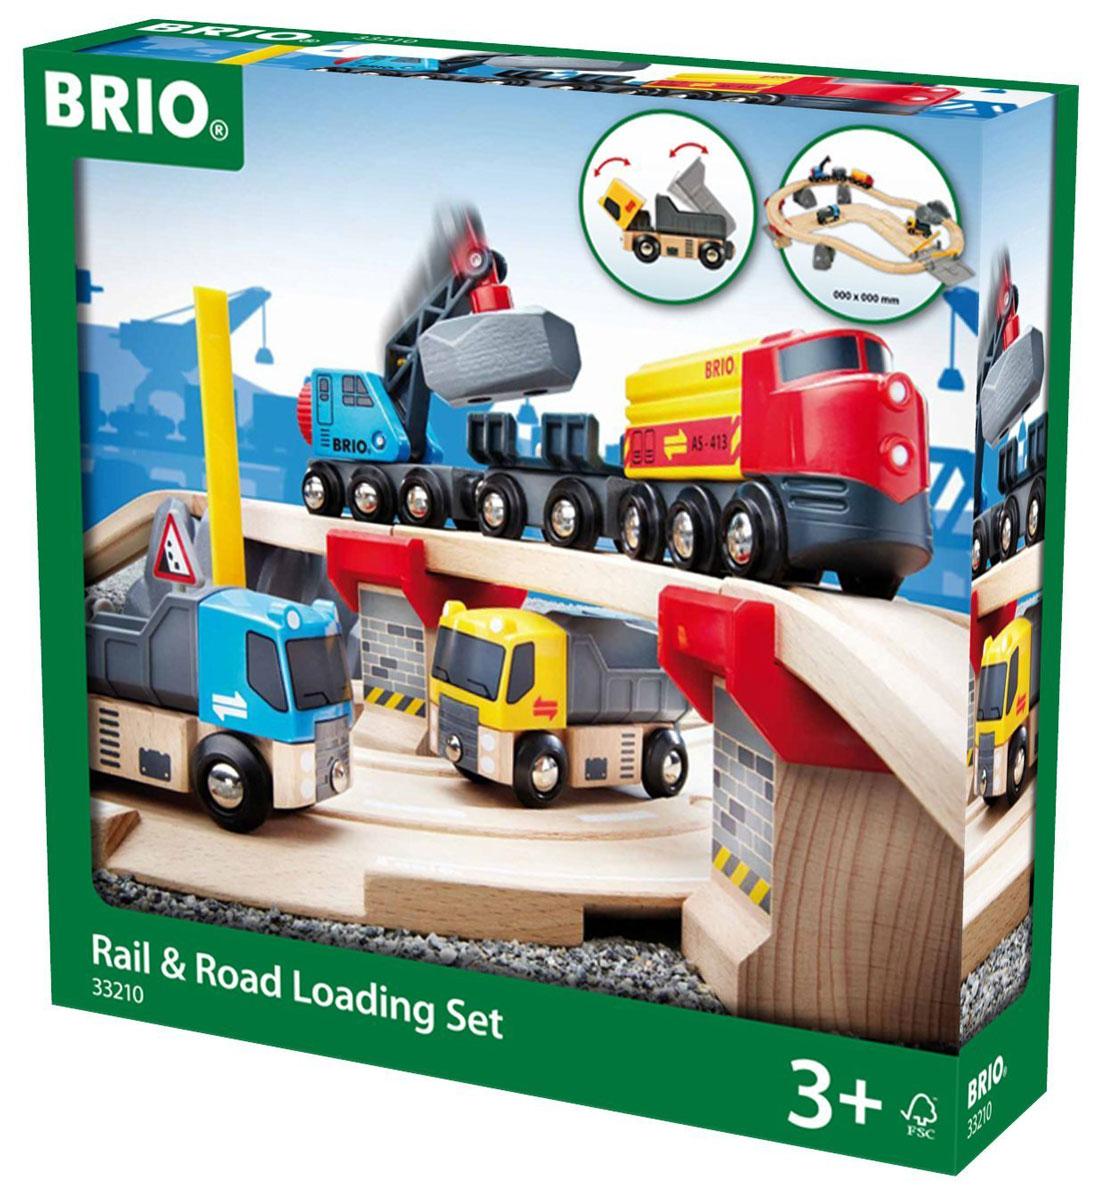 Brio Железная дорога с автодорогой и переездом33210Железная дорога с автодорогой и переездом Brio содержит в себе железнодорожное полотно, грузовой состав, состоящий из локомотива, вагона-крана и грузового вагона , 2 грузовых автомобиля, автомобильное дорожное полотно, особые стойки для подъема рельс на второй уровень и переезд. Благодаря магнитному захвату кран имеет возможность погружать груз из автомобилей в грузовой вагон и обратно. Автомобили могут съезжать по съездам автомобильного полотна, что дает возможность увеличить зону их перемещения. О возможном камнепаде предупредит автомобильный знак, входящий в набор. Грузовой локомотив перемещается вручную. Железные дороги позволяют ребенку не только получать удовольствие от игры, но и развивать пространственное воображение, мелкую моторику и координацию движений. Набор совместим со всеми железными дорогами и паровозиками Brio.